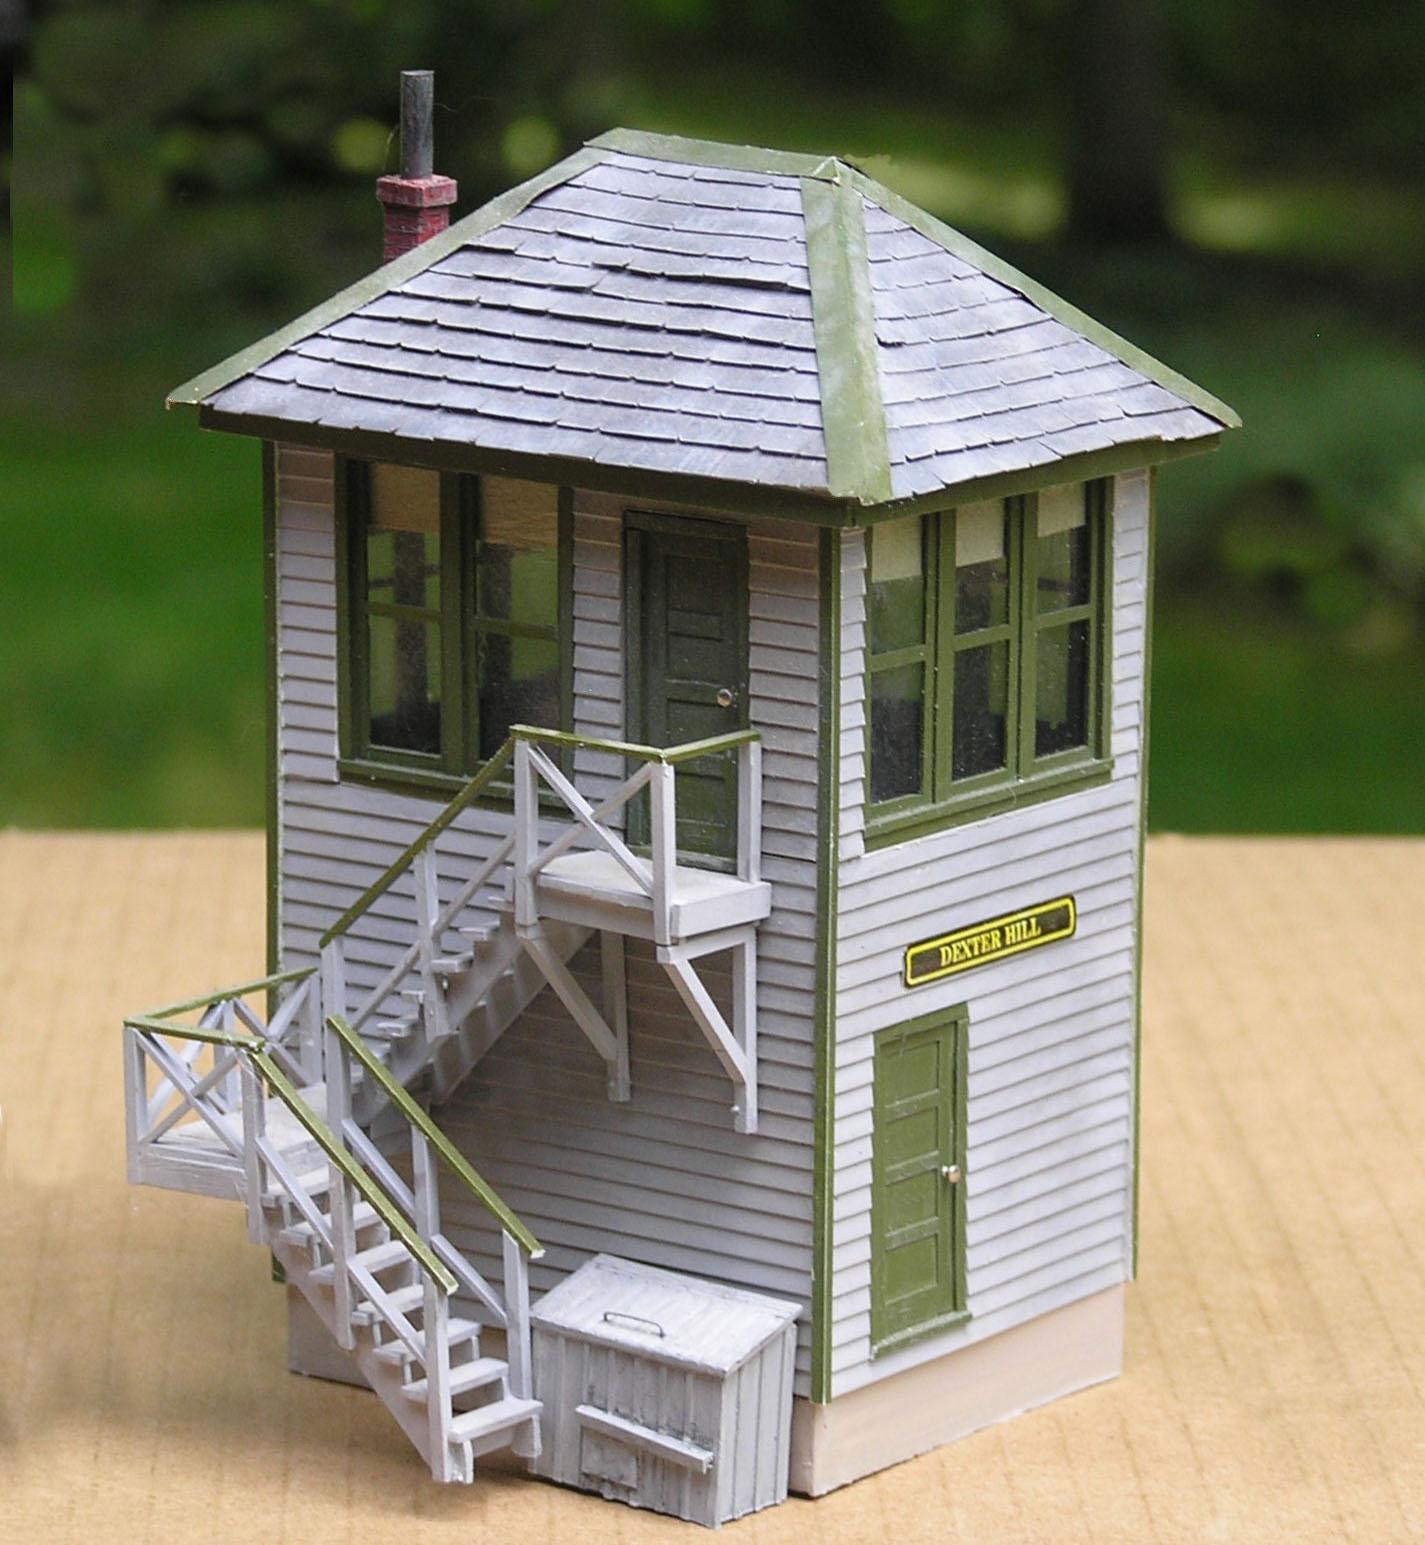 jim-schall-dexter-tower-2.jpg